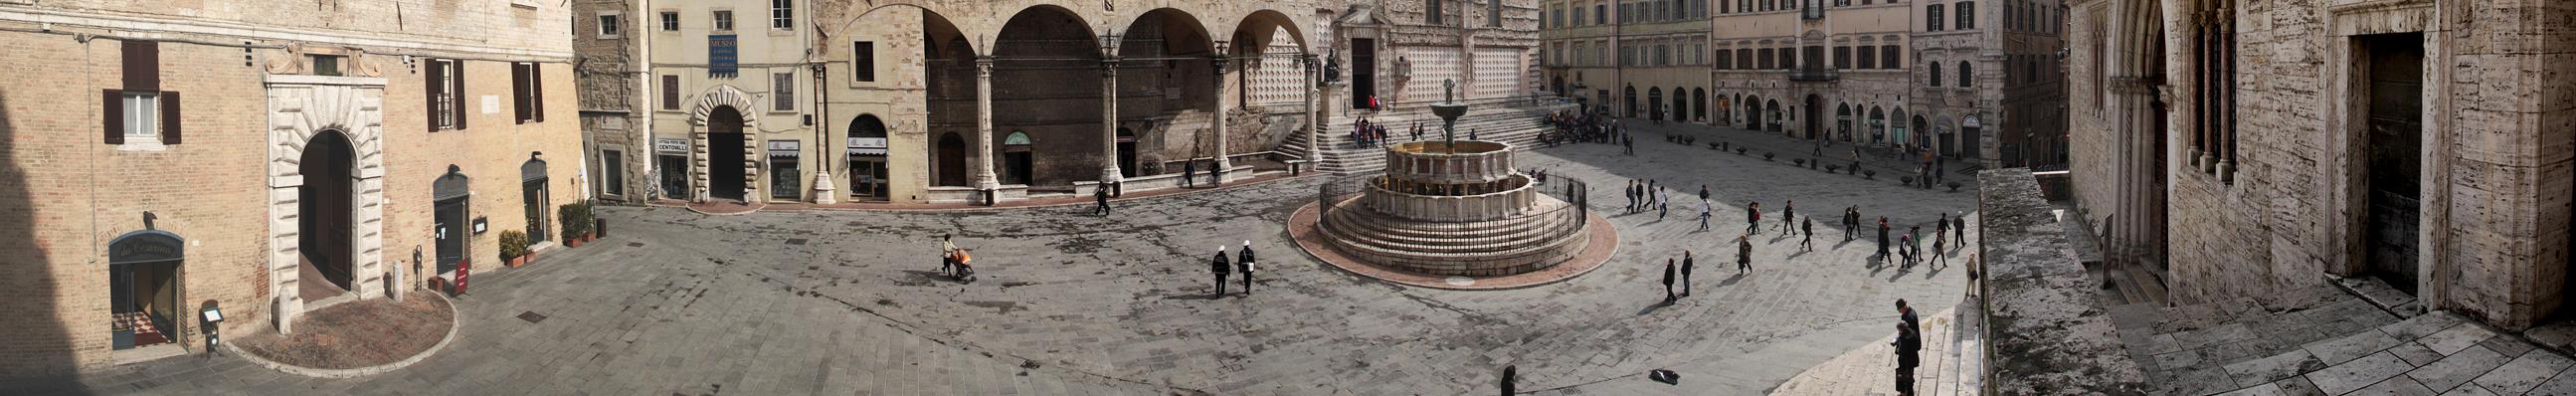 Perugia, la mia città.